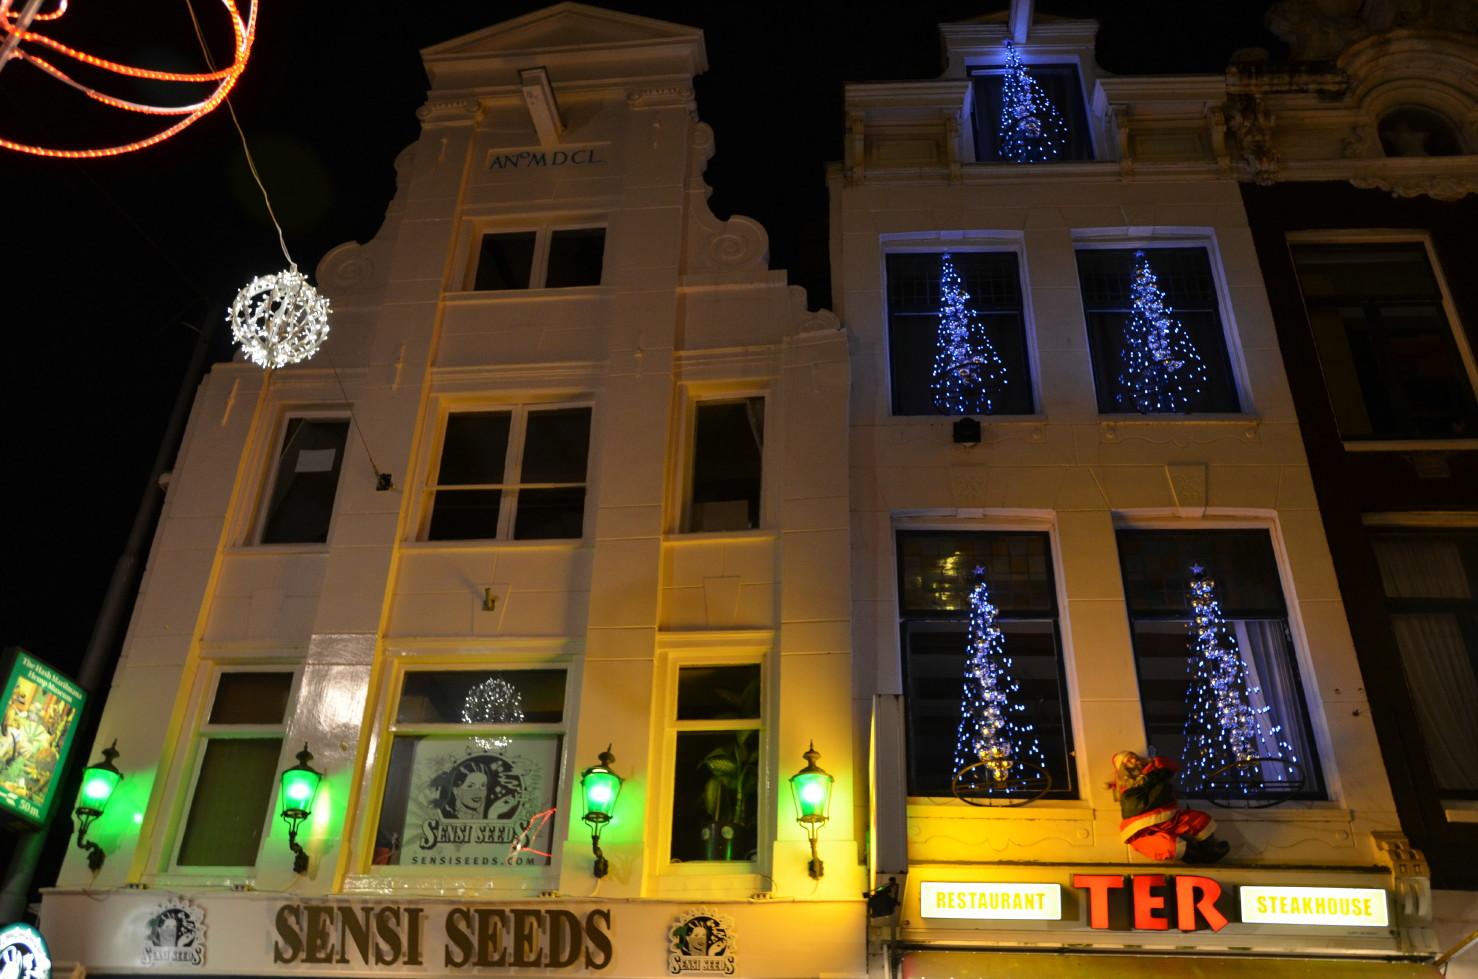 amsterdam amsterdam light festival 2012 sensi seeds pjot flickr photo sharing. Black Bedroom Furniture Sets. Home Design Ideas